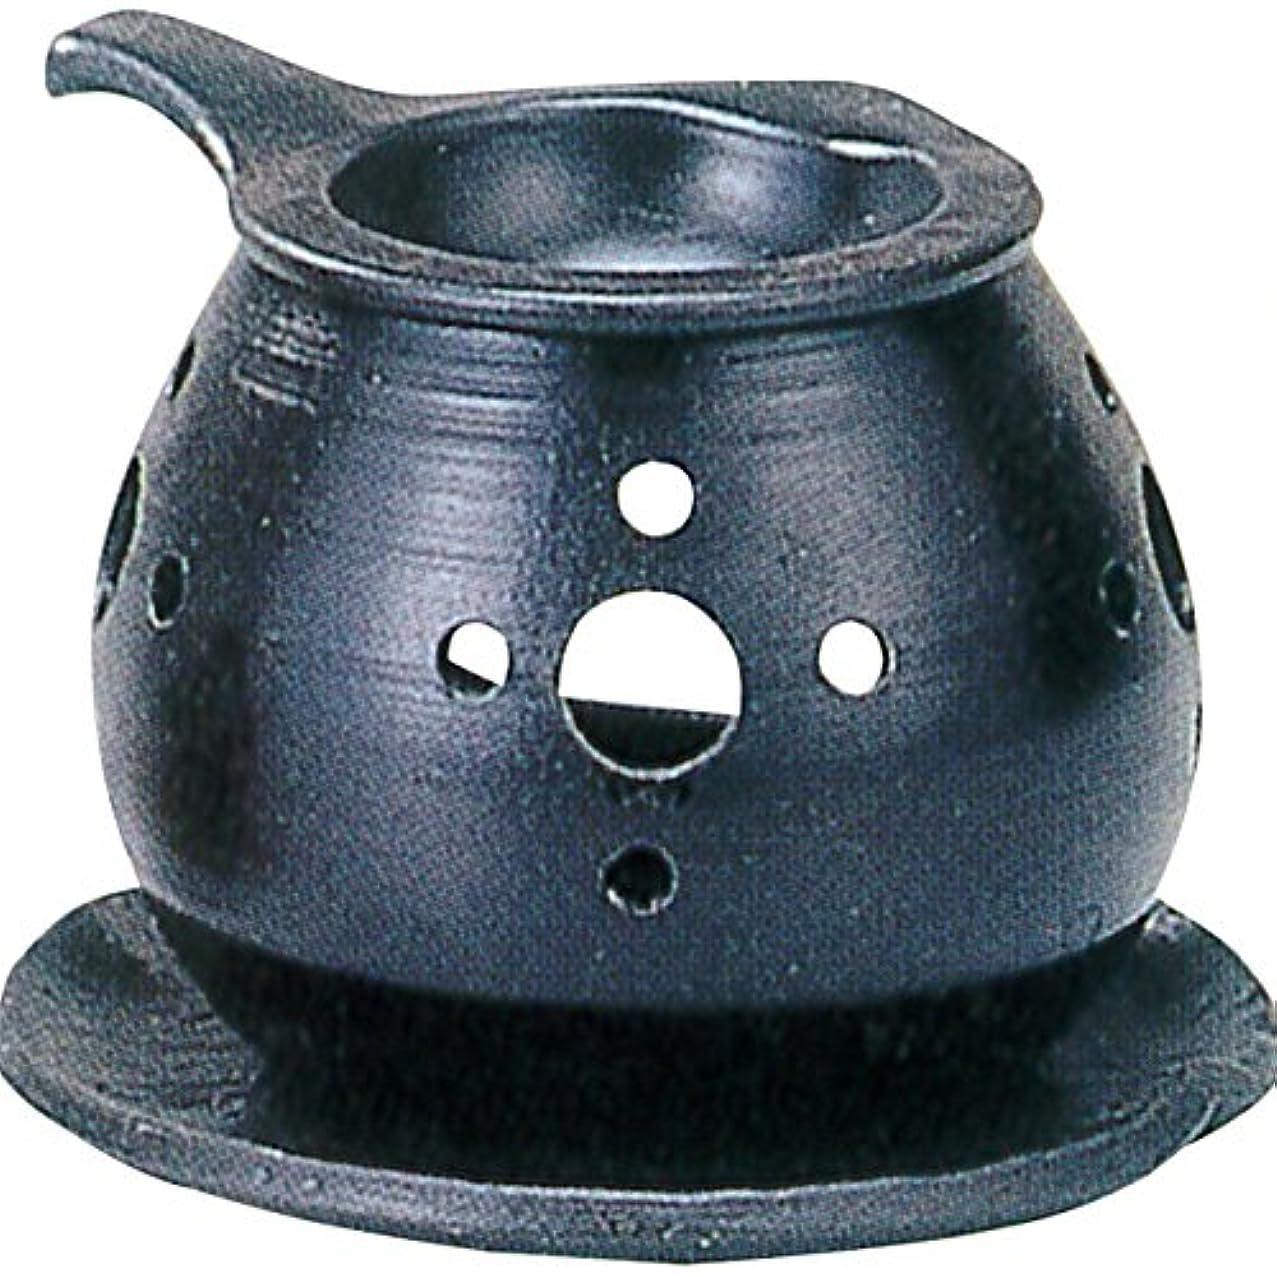 十億出演者バーベキュー茶香炉 : 常滑焼 間宮 茶香炉? ル35-03